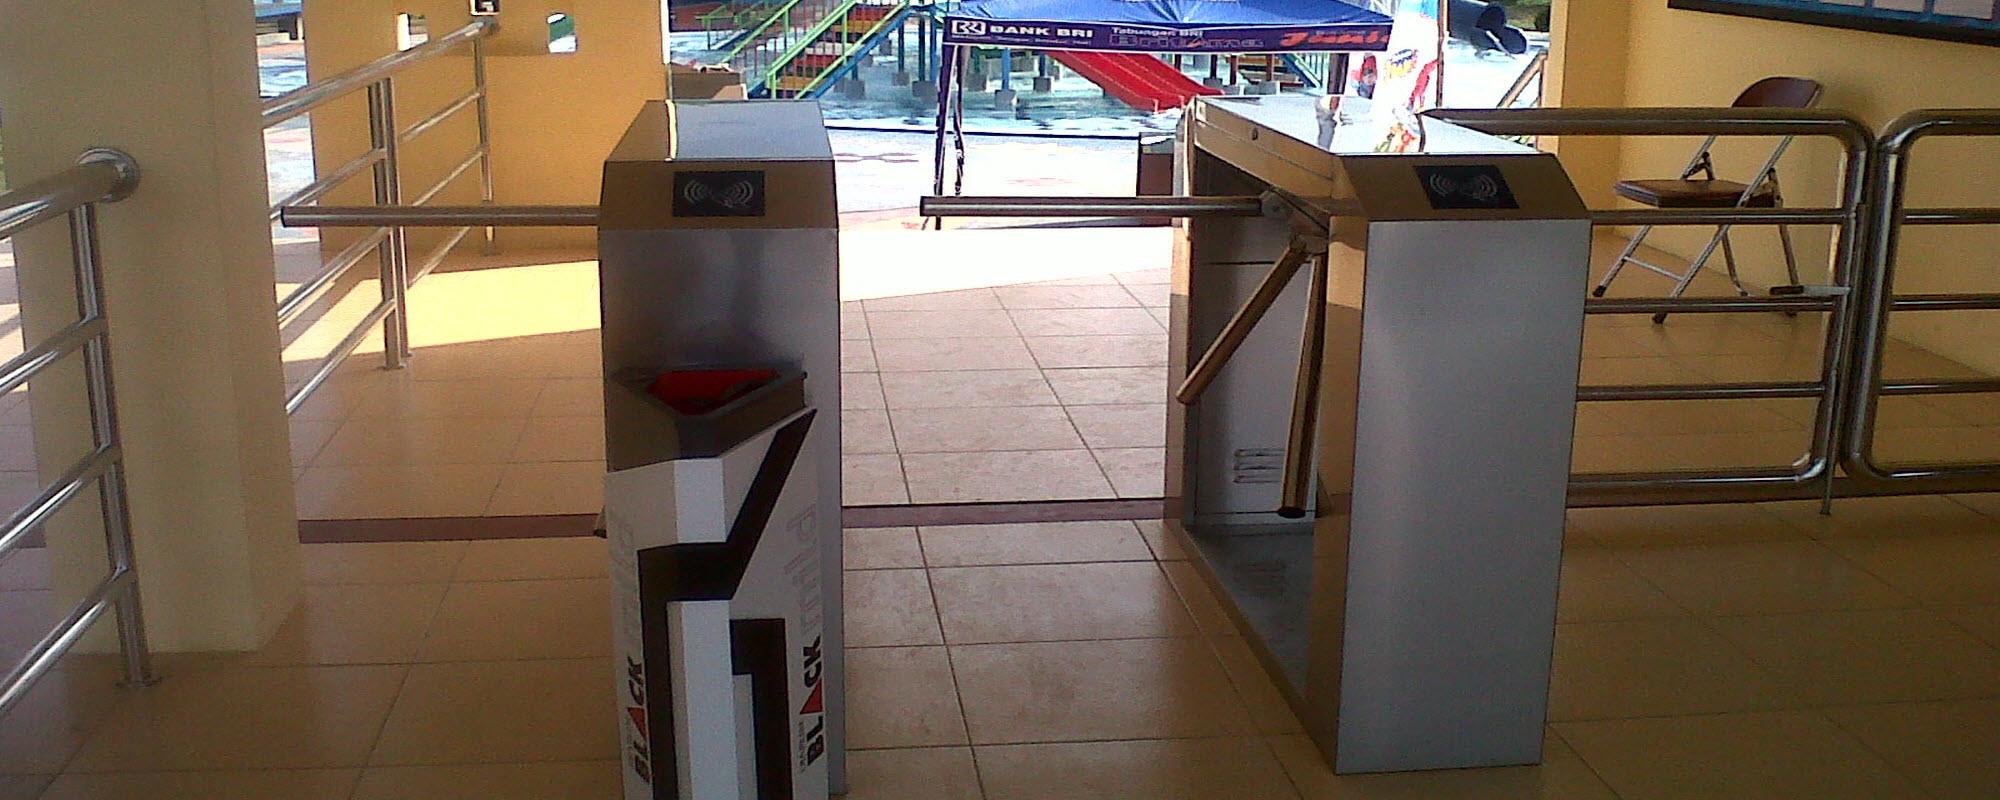 Secure Entrance Access